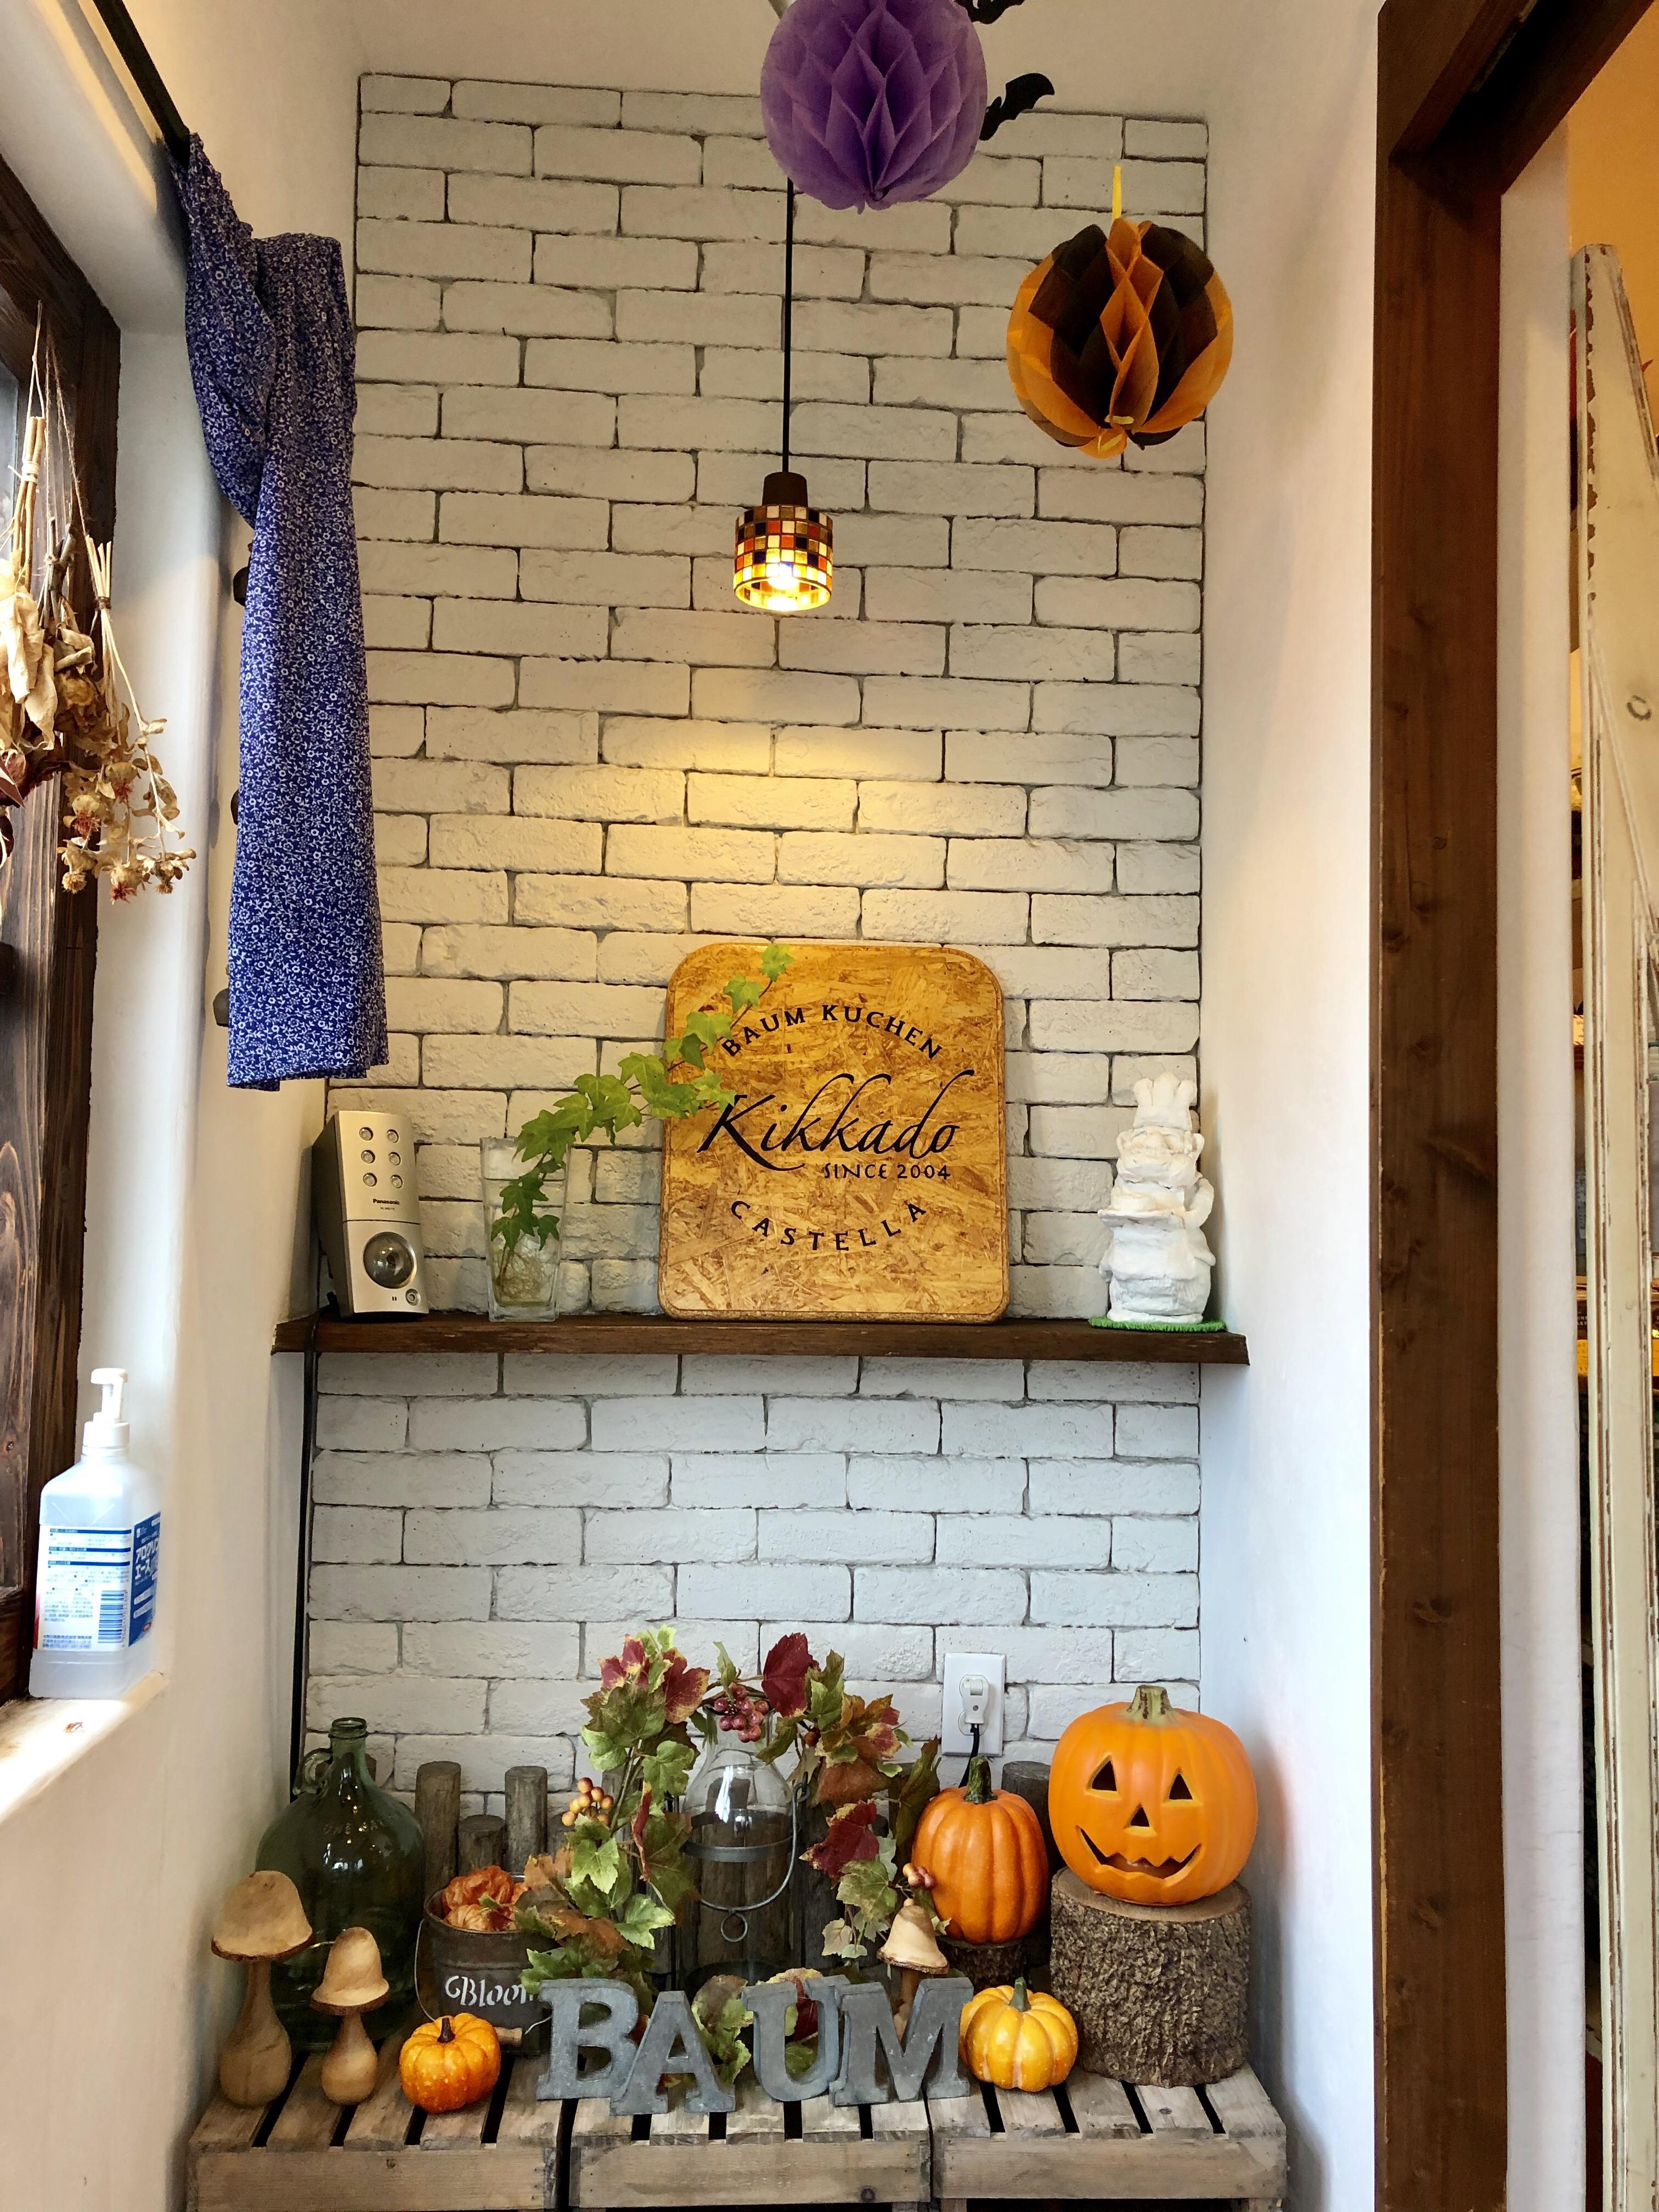 お店のハロウィンの飾り付けがかわいい